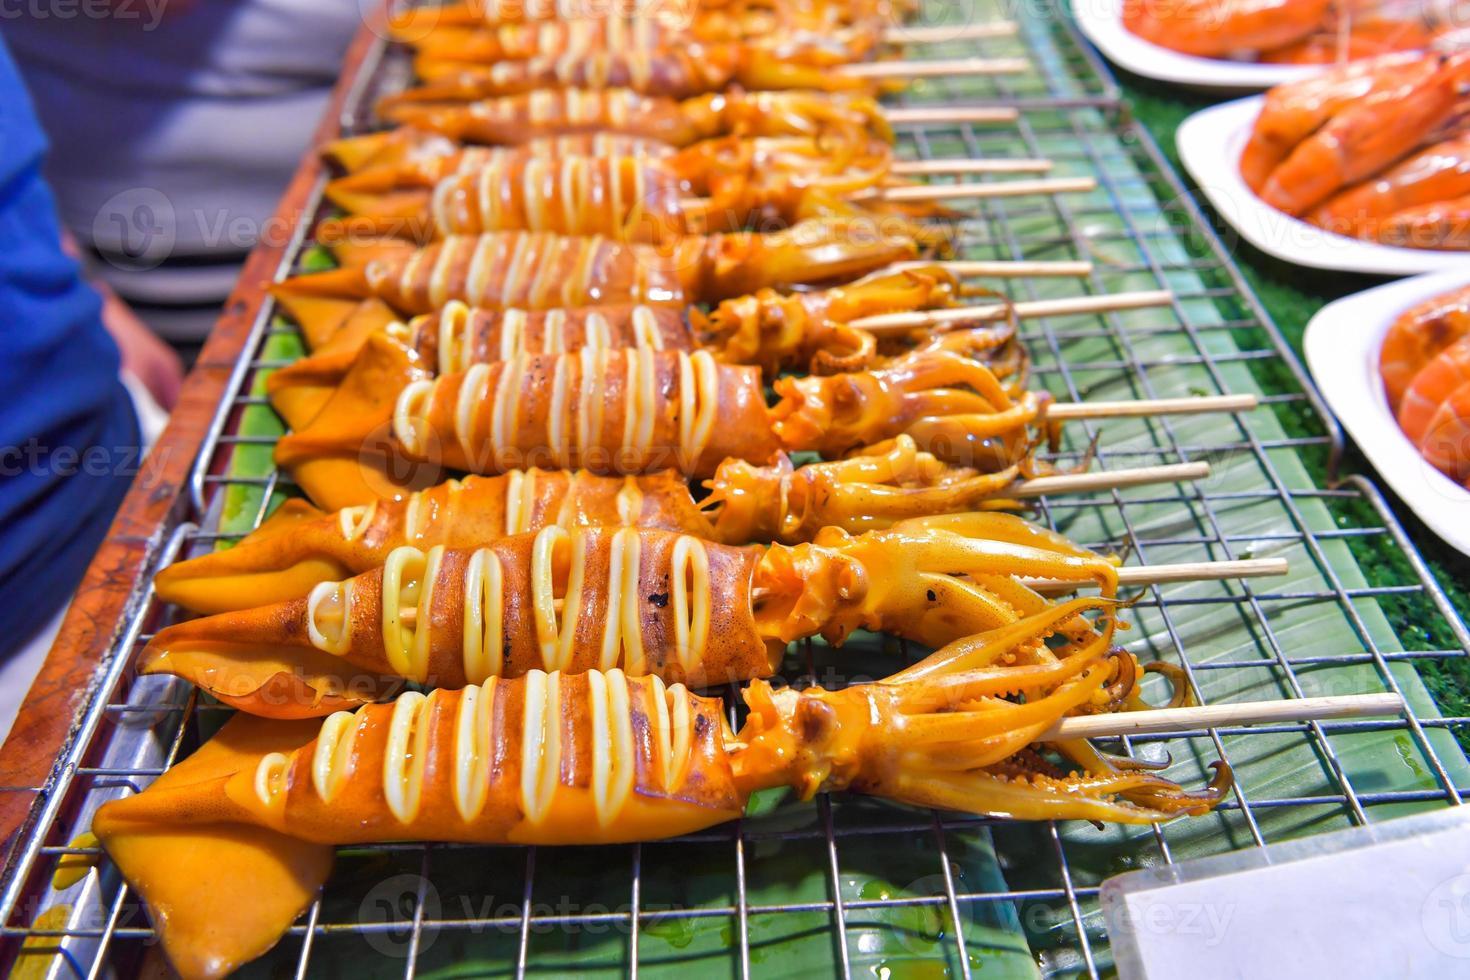 calamars grillés sur la cuisinière dans le marché photo